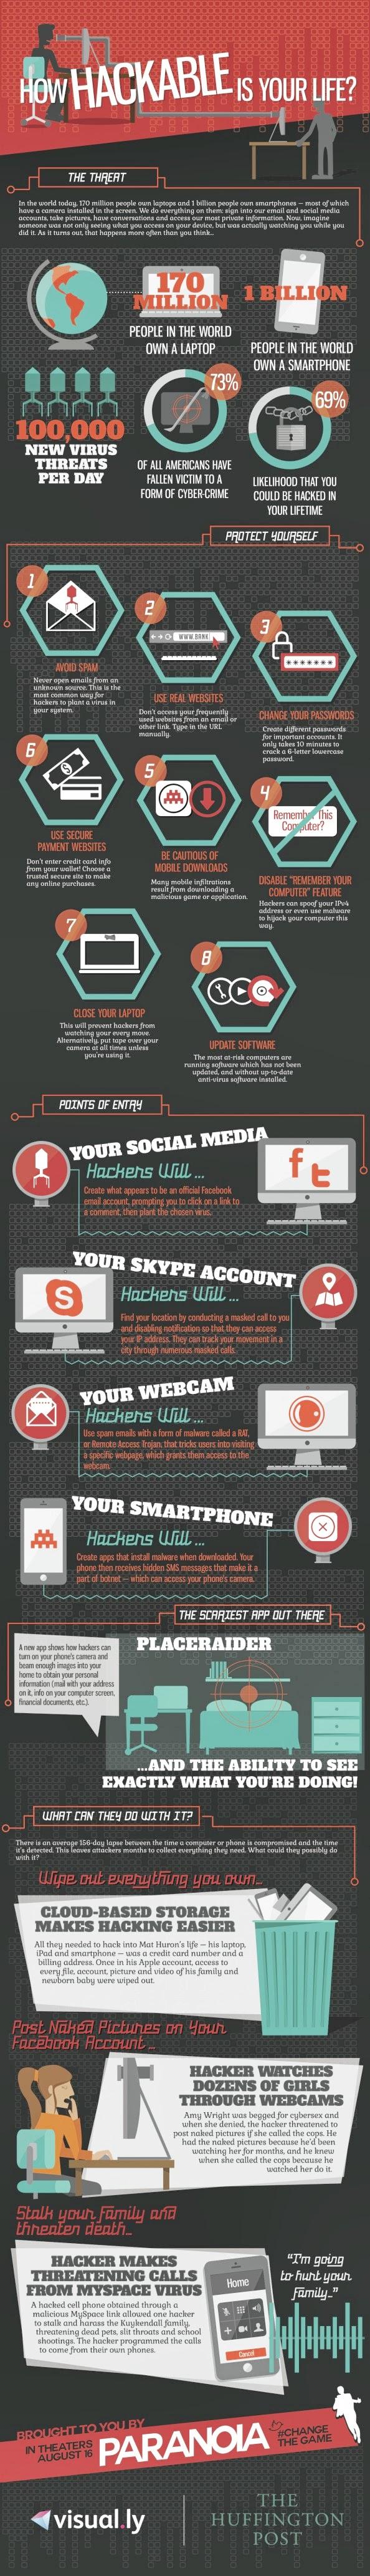 ¿Qué tan hackeable es tu vida?